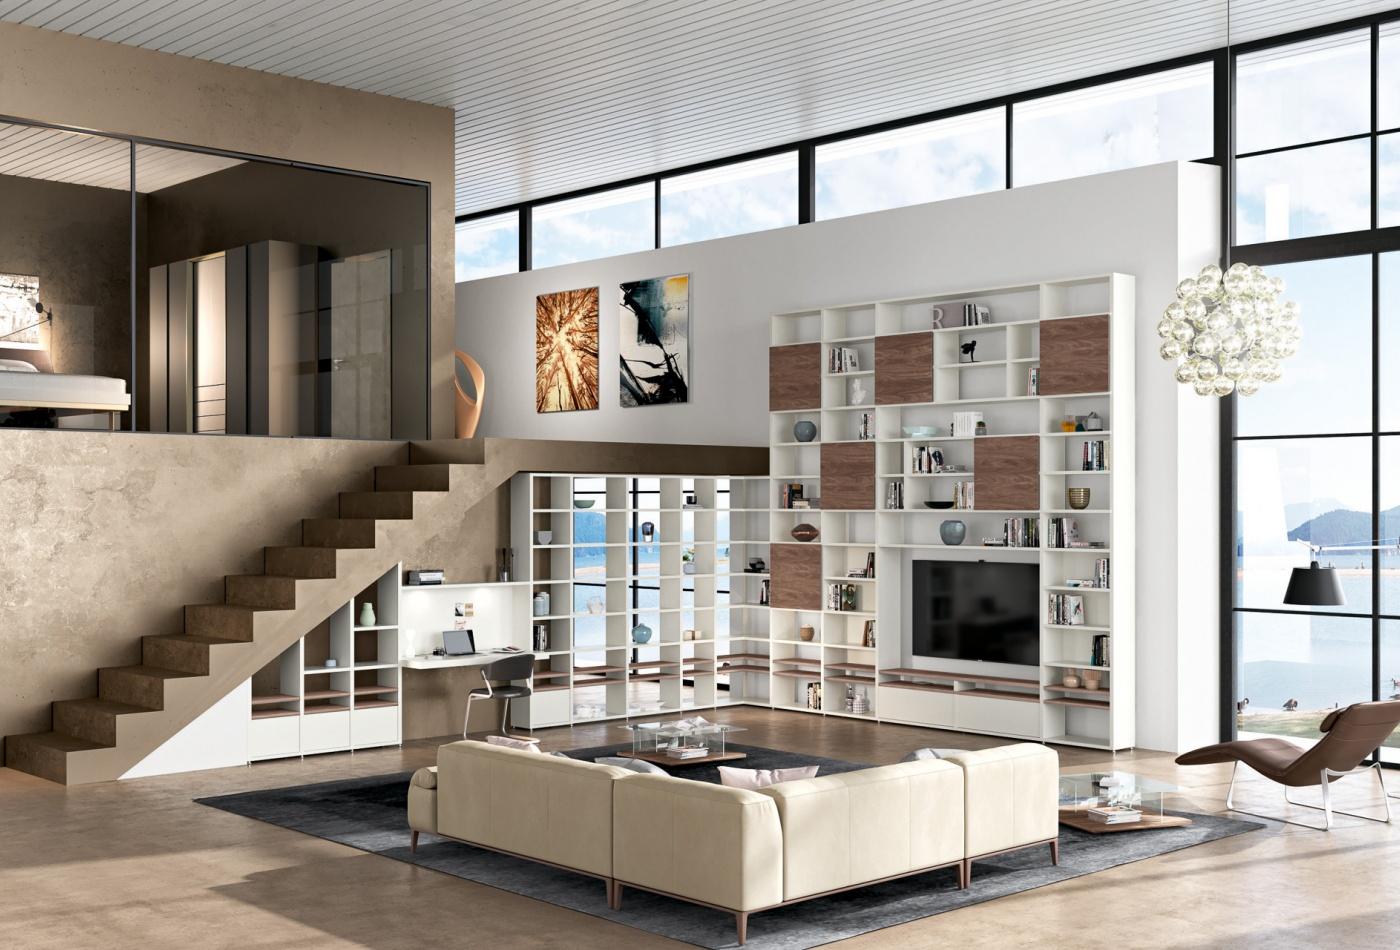 mega design transforma. Black Bedroom Furniture Sets. Home Design Ideas